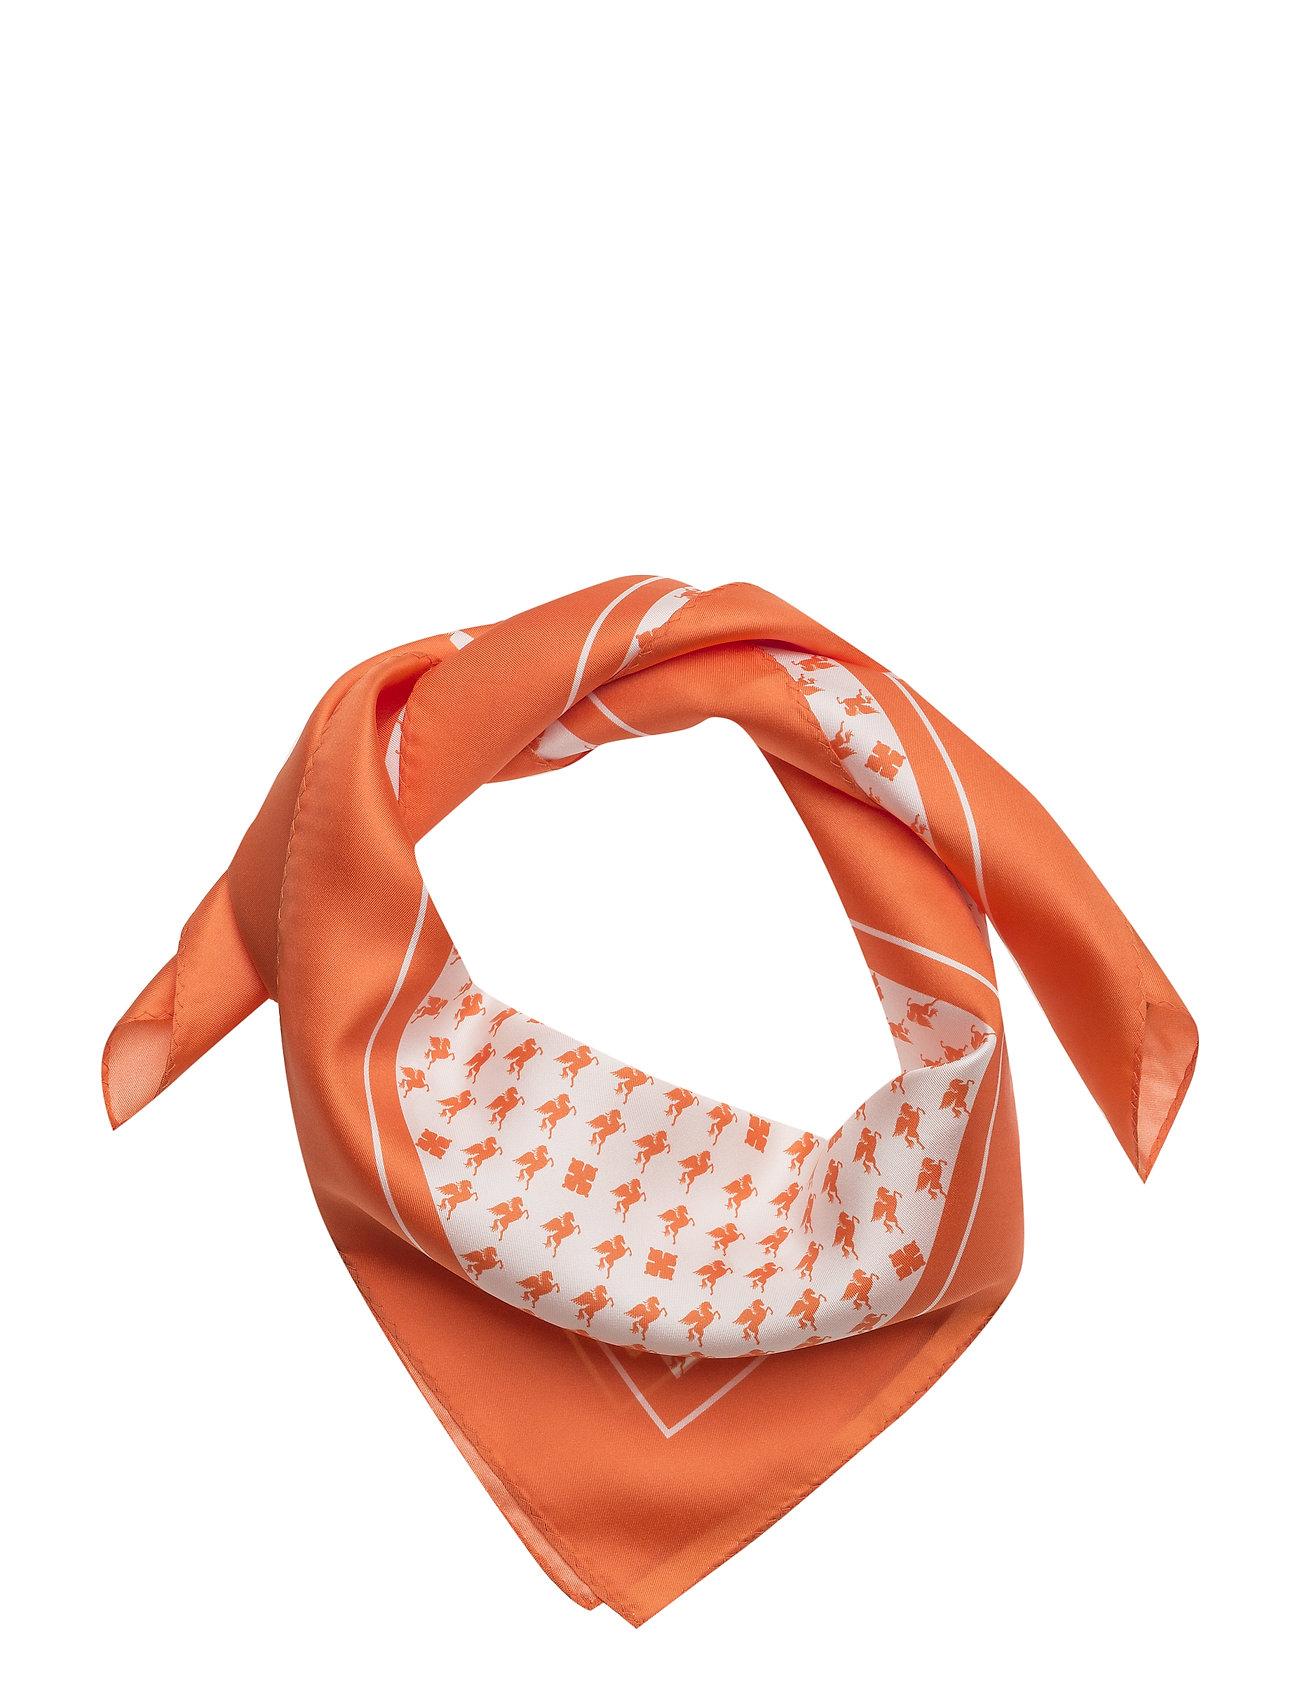 Image of Debeau Tørklæde Orange BY MALENE BIRGER (3189850583)